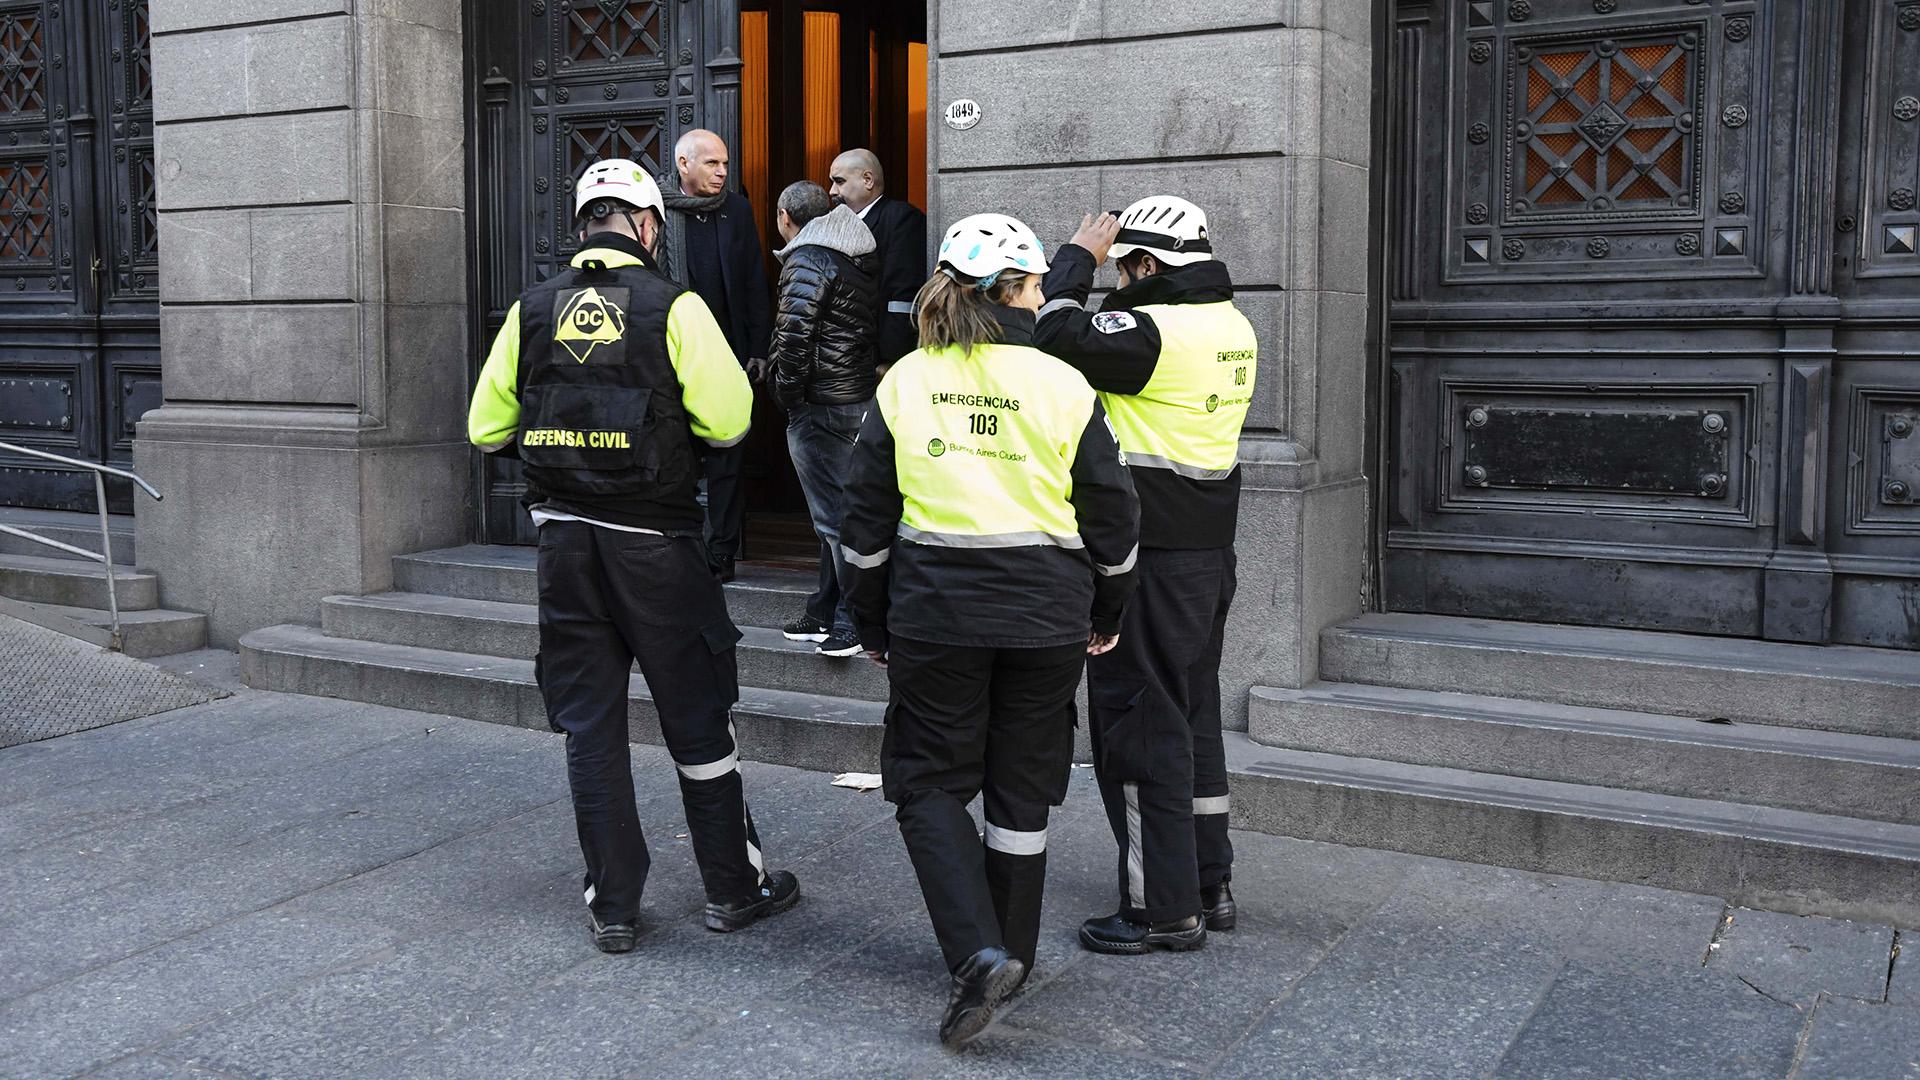 El personal del Senado, administrativos y políticos, debió ser evacuado pasadas las 12 de hoy luego de registrarse una amenaza de bomba. Personal de bomberos y de la división antiexplosivos de la Policía Federal revisaron el lugar